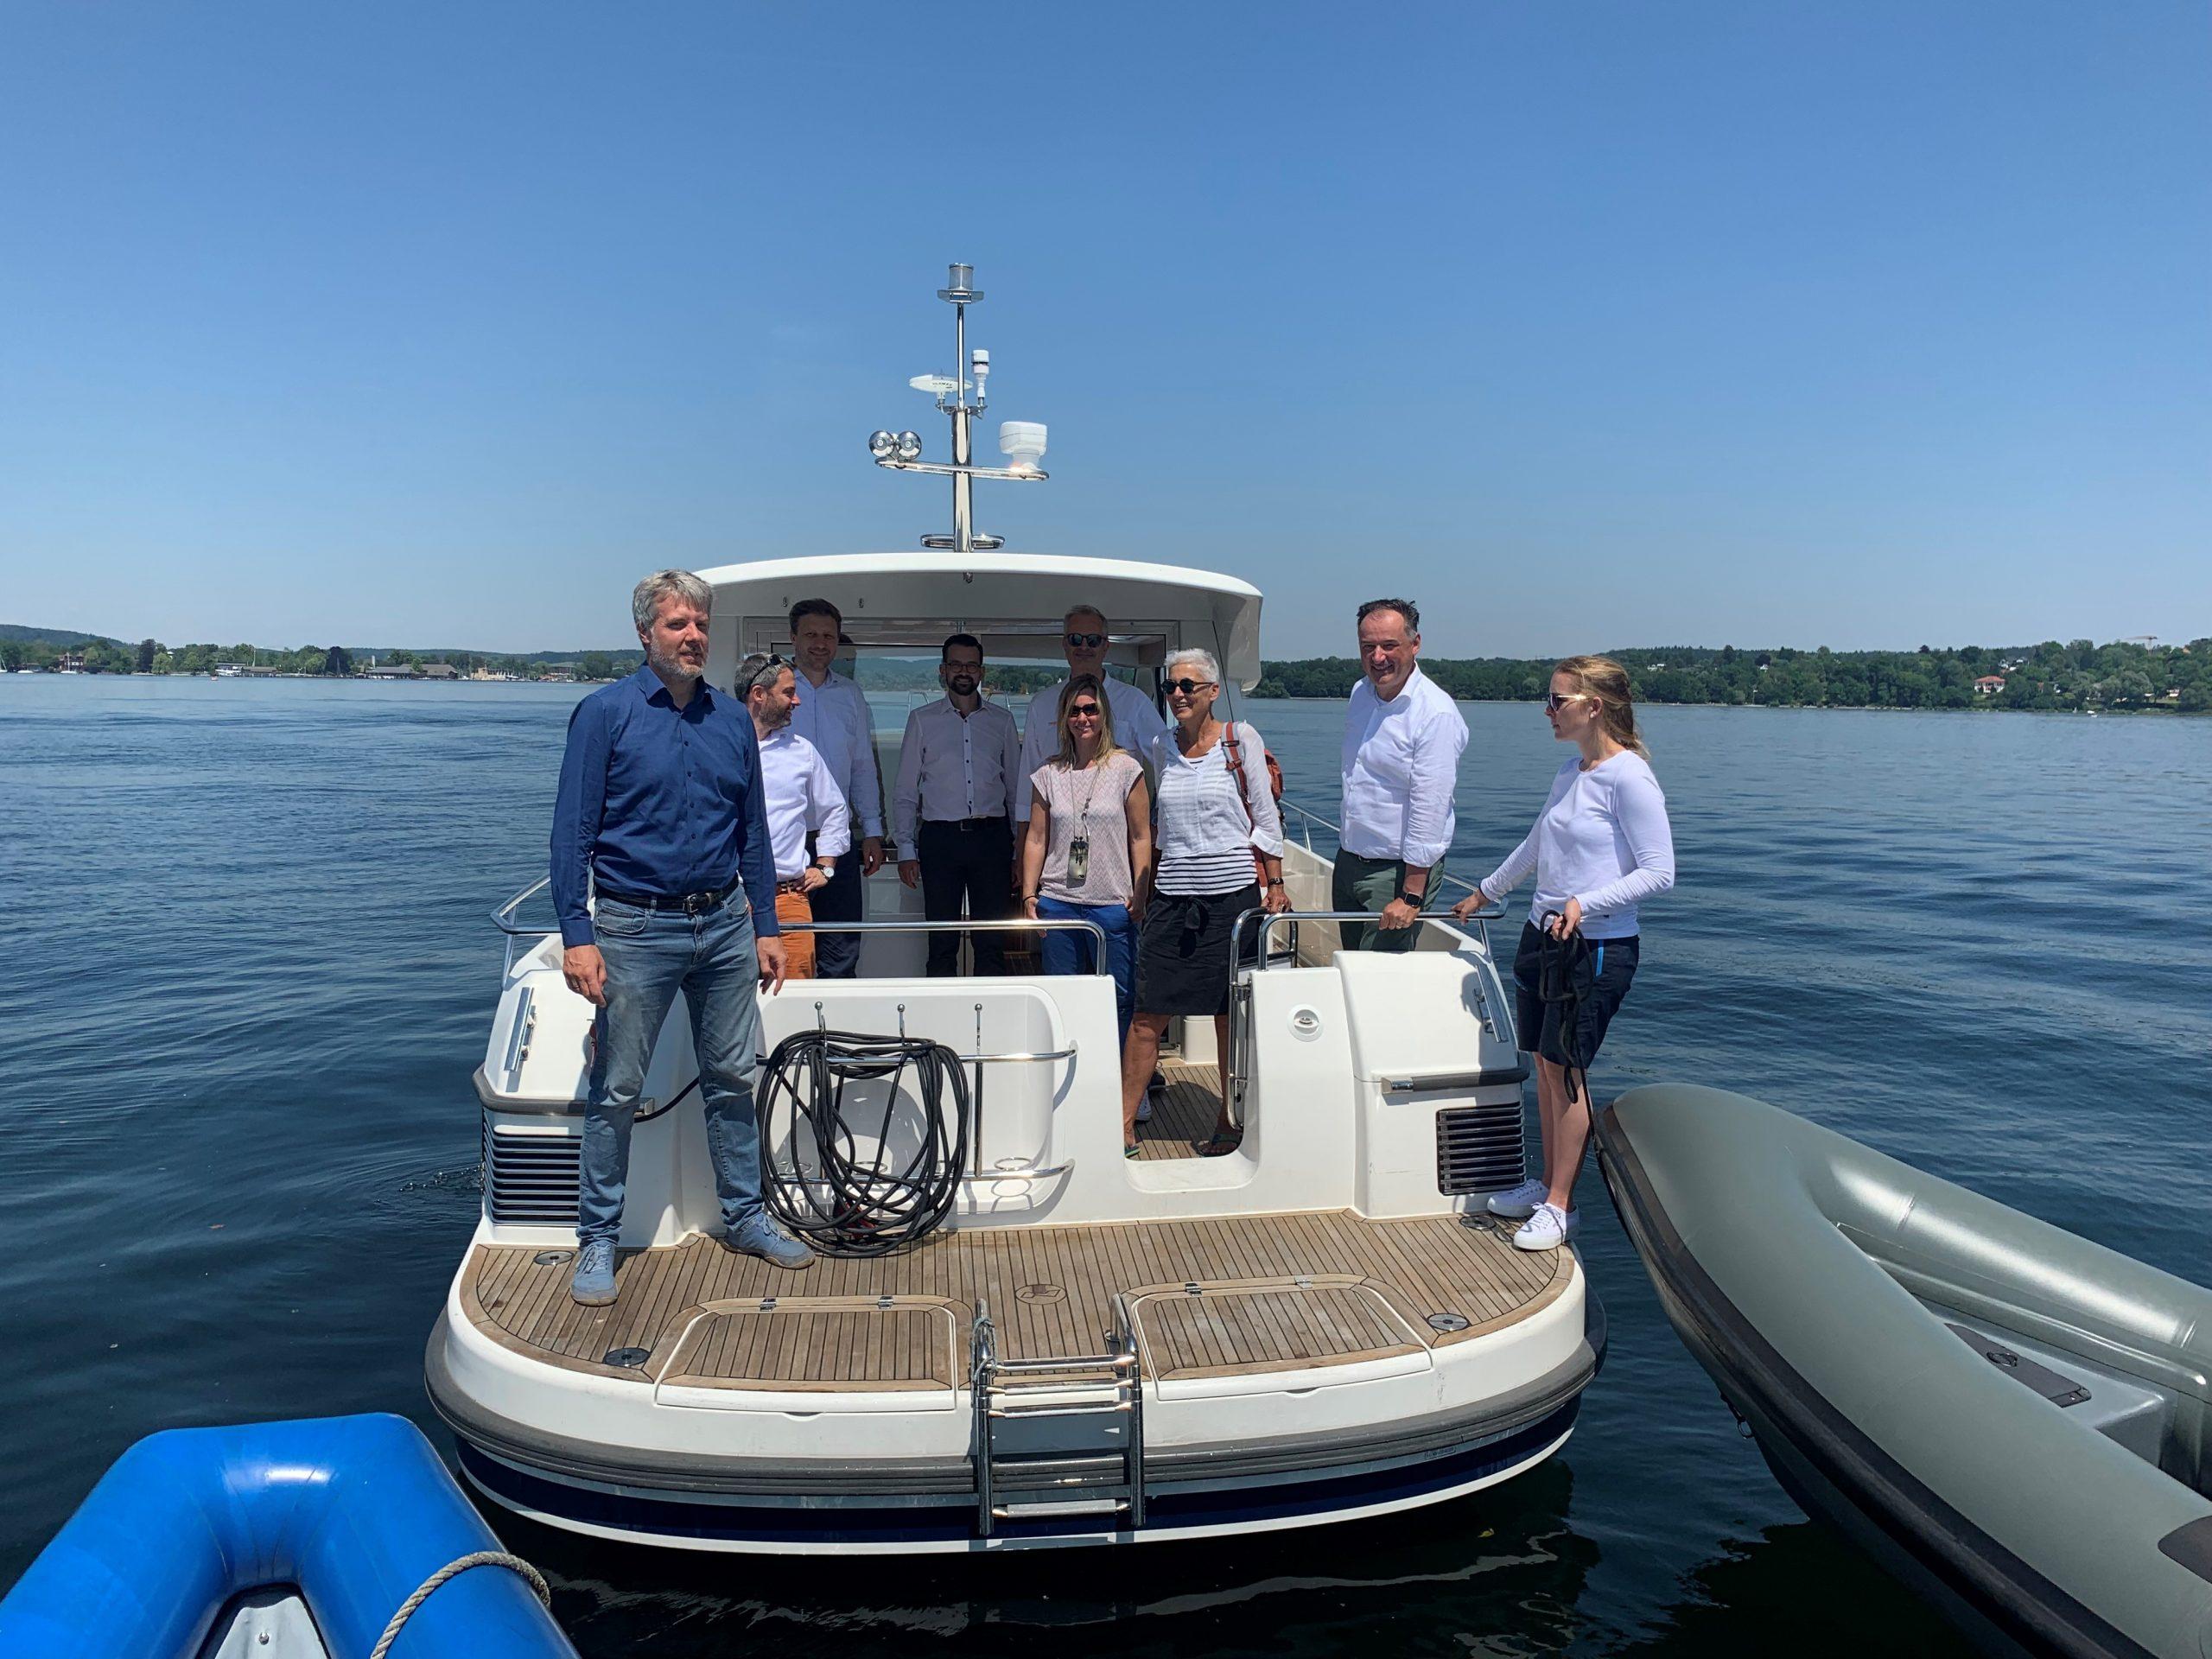 E-Boot mit 7 Personen an Bord